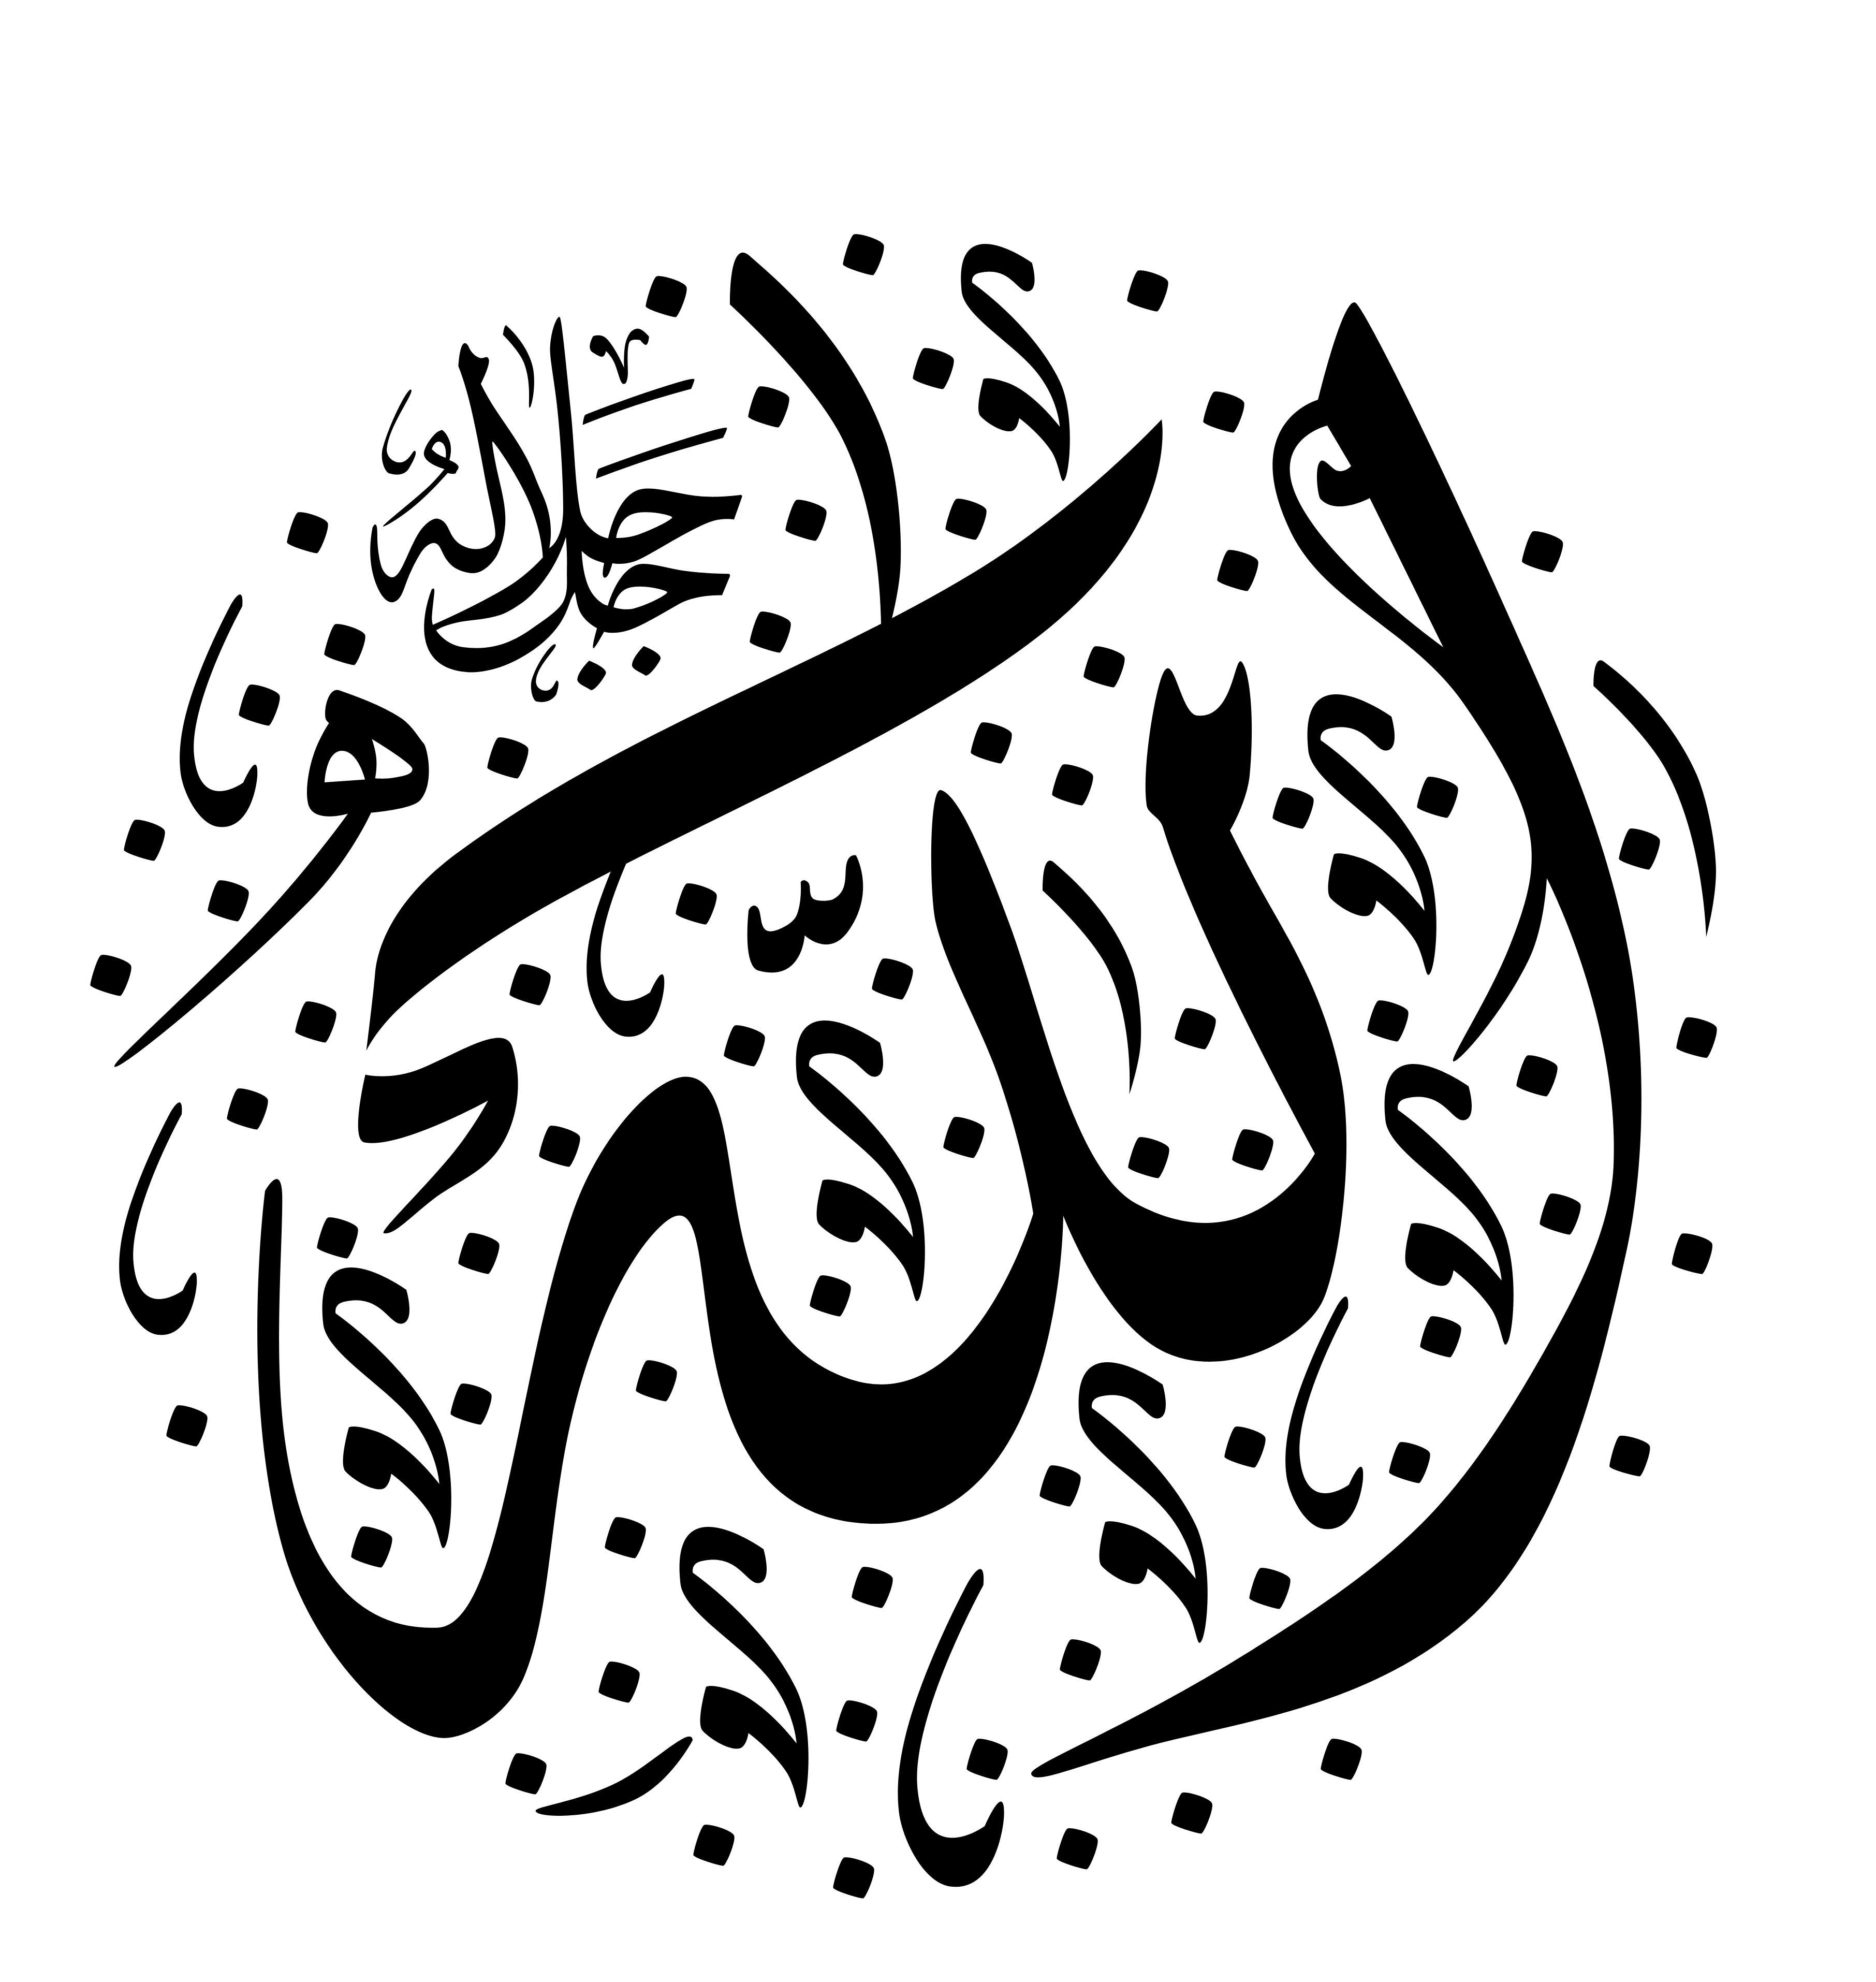 Kumpulan Gambar Kaligrafi Islami | Gambar Aneh Unik Lucu